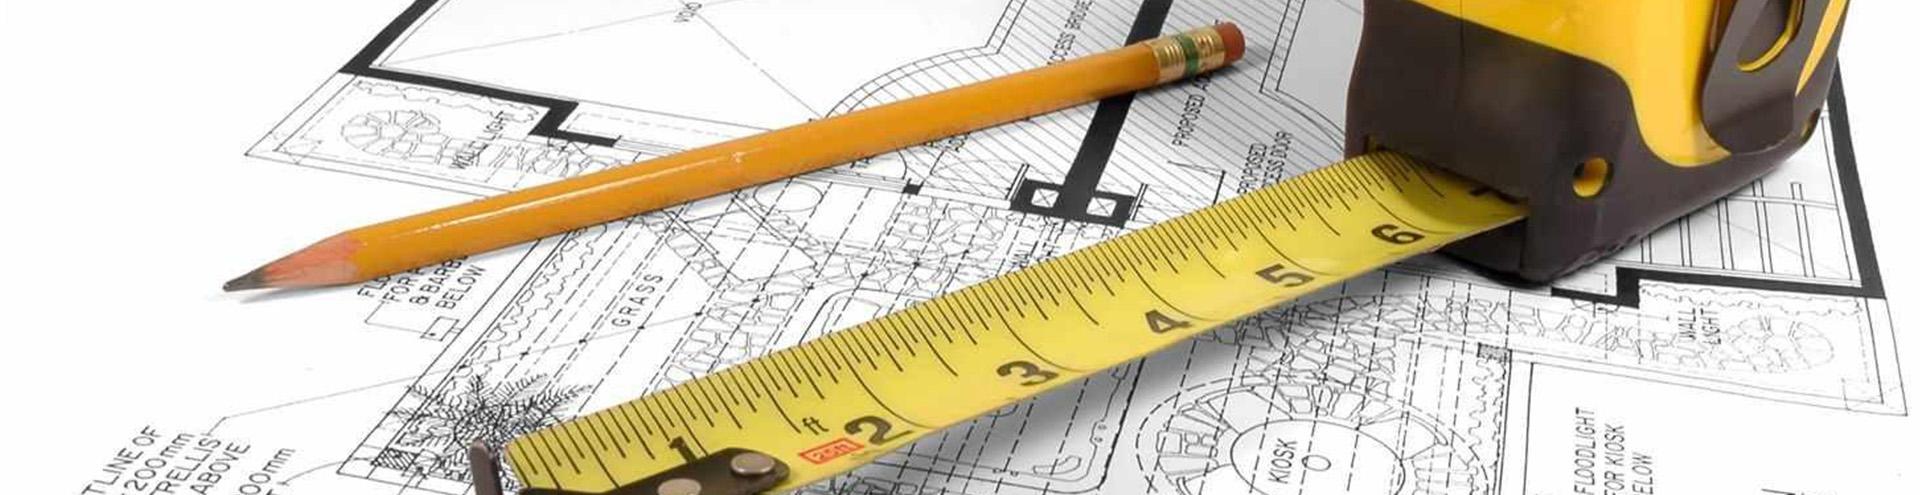 Поможем исправить кадастровую ошибку в Нижнем Новгороде и Нижегородской области